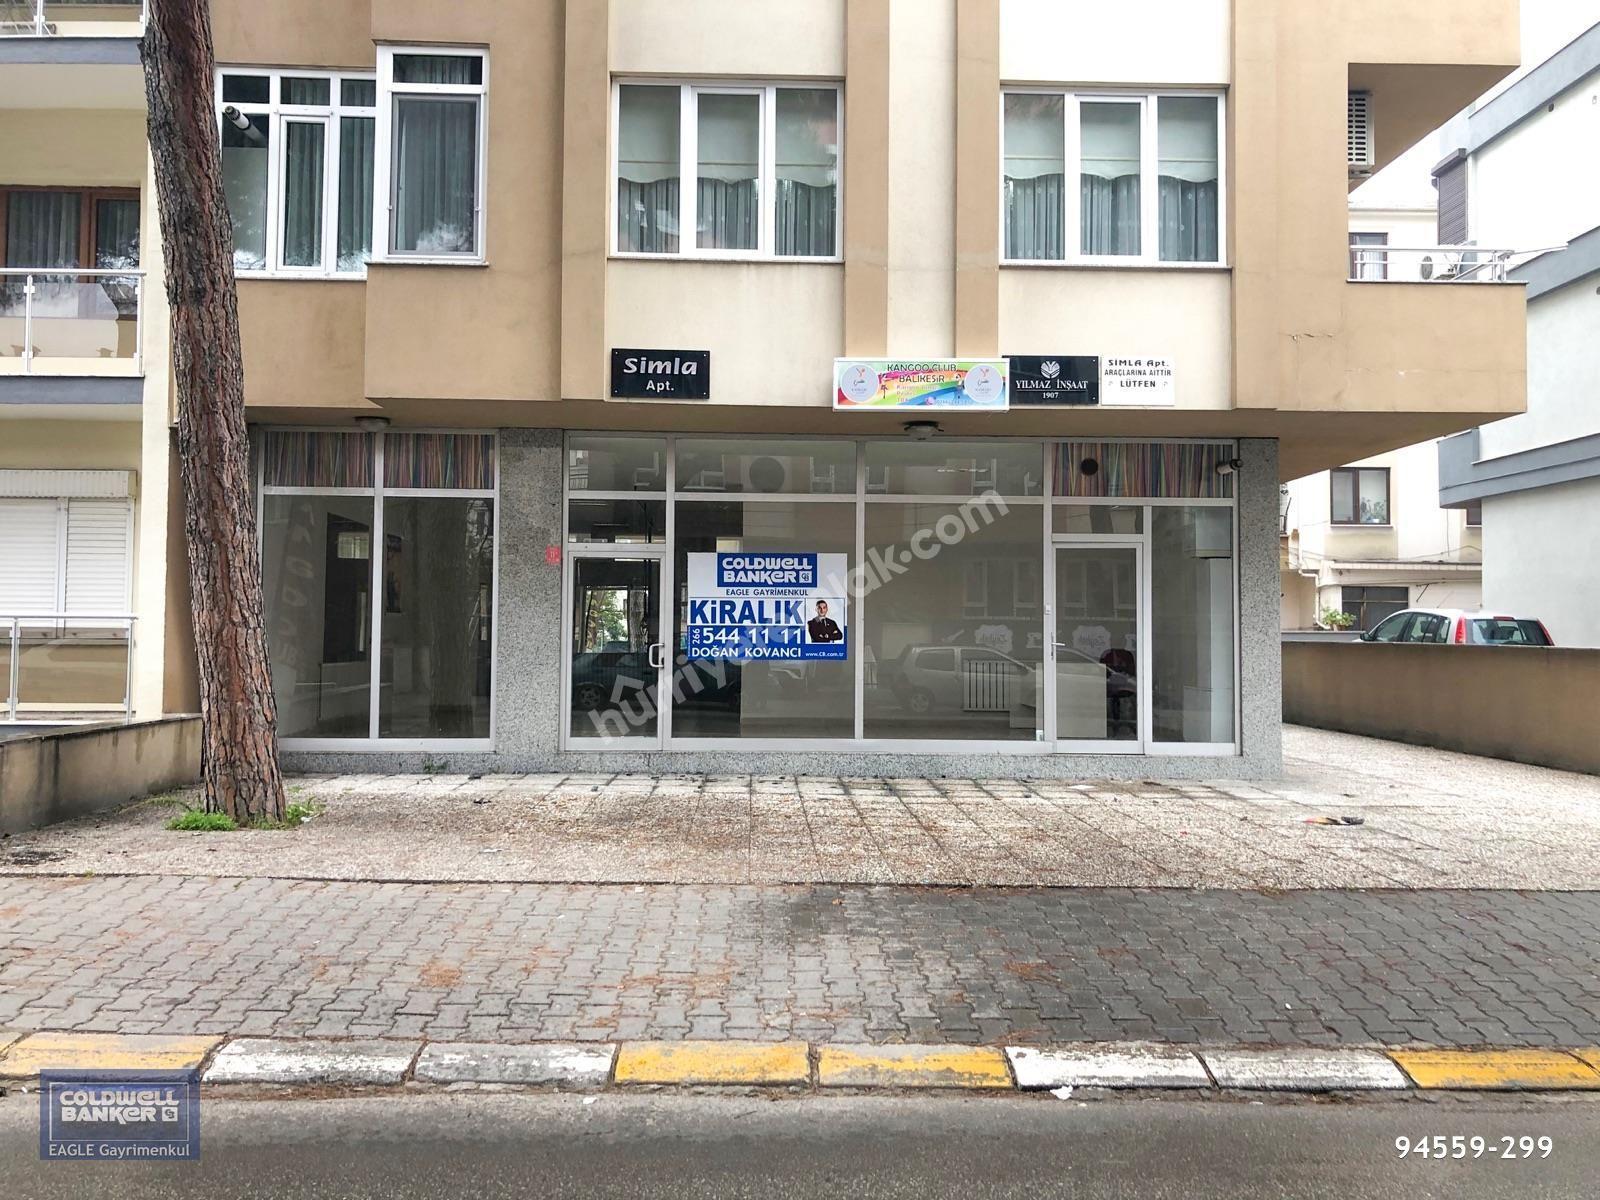 Atatürk Mah. Turgut Reis Caddesi Üzerinde Kiralık 120 m Dükkan